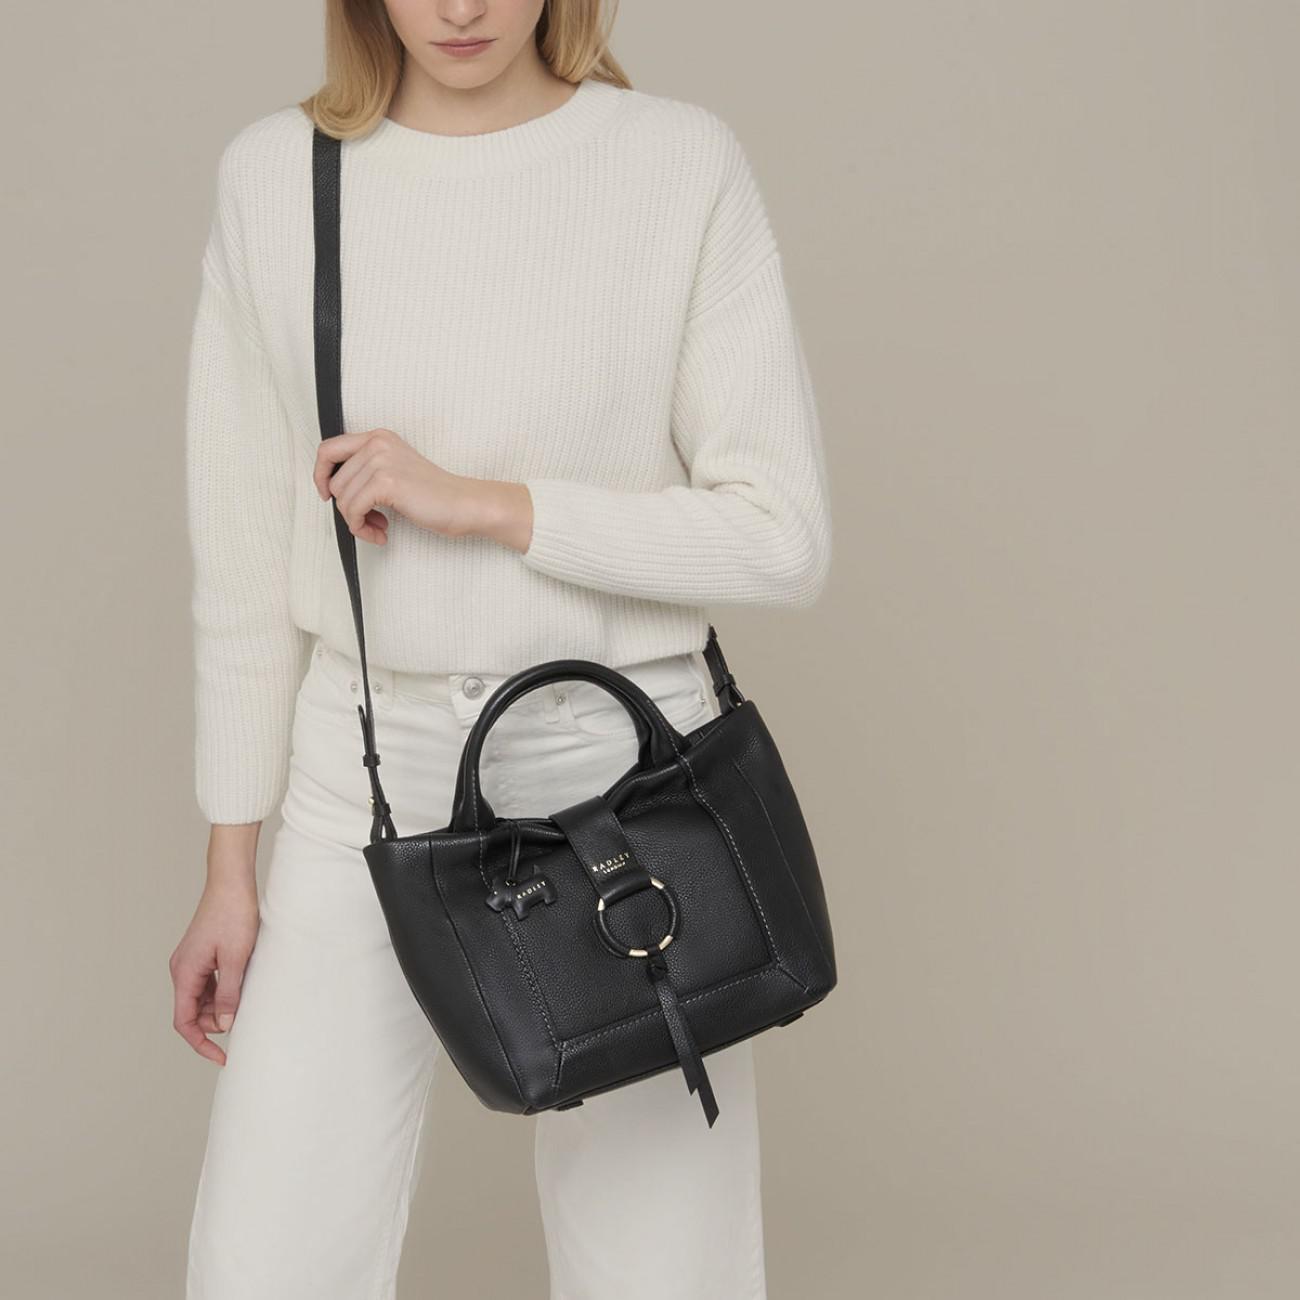 be2664ac10 Radley Blickling Hall Medium Zip-top Multiway Grab Bag in Black - Lyst